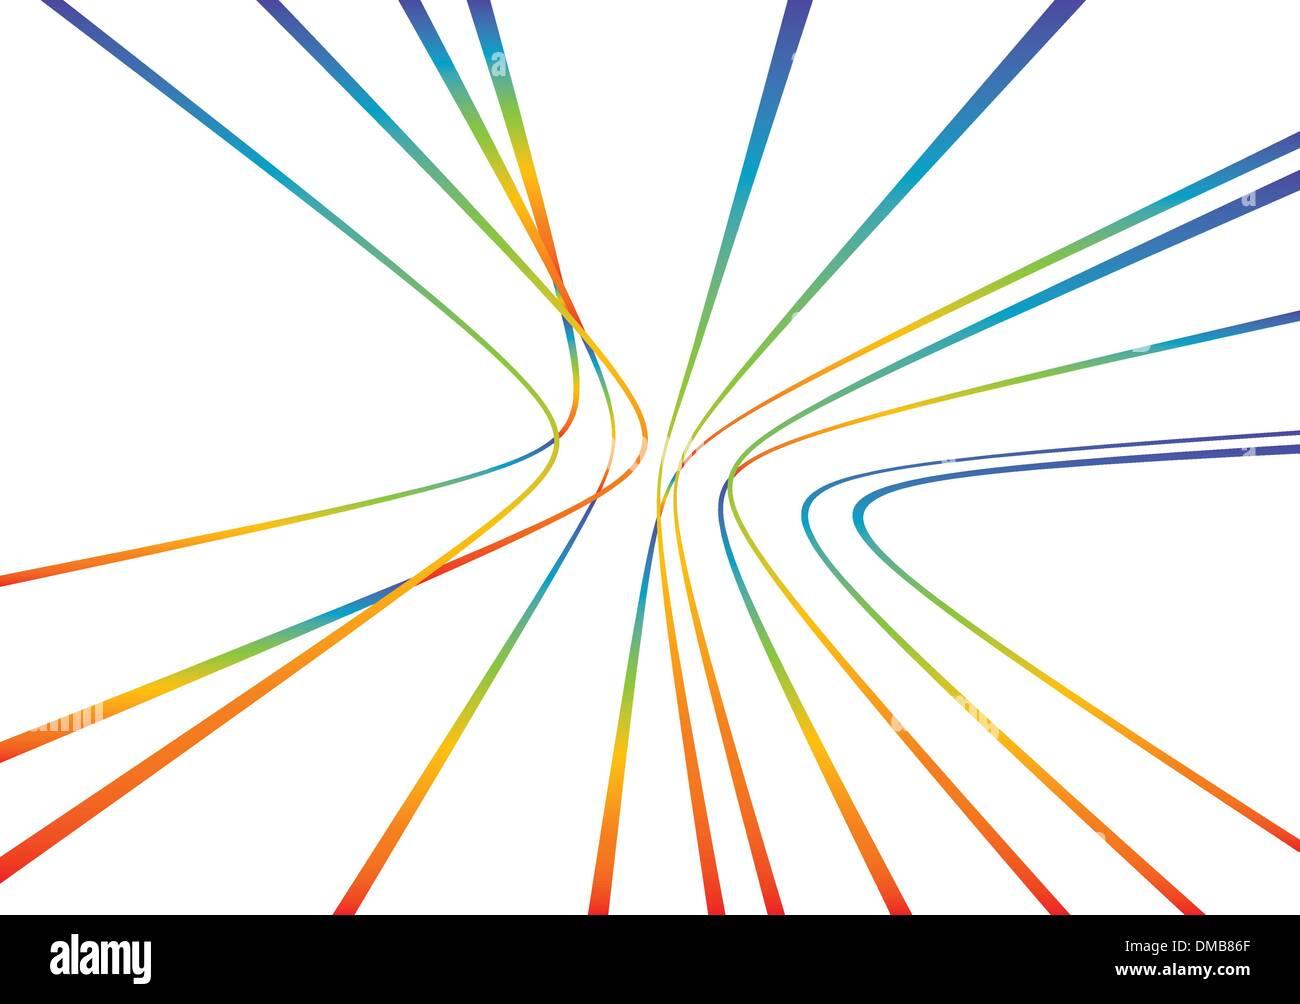 Líneas de patrón abstracto Imagen De Stock